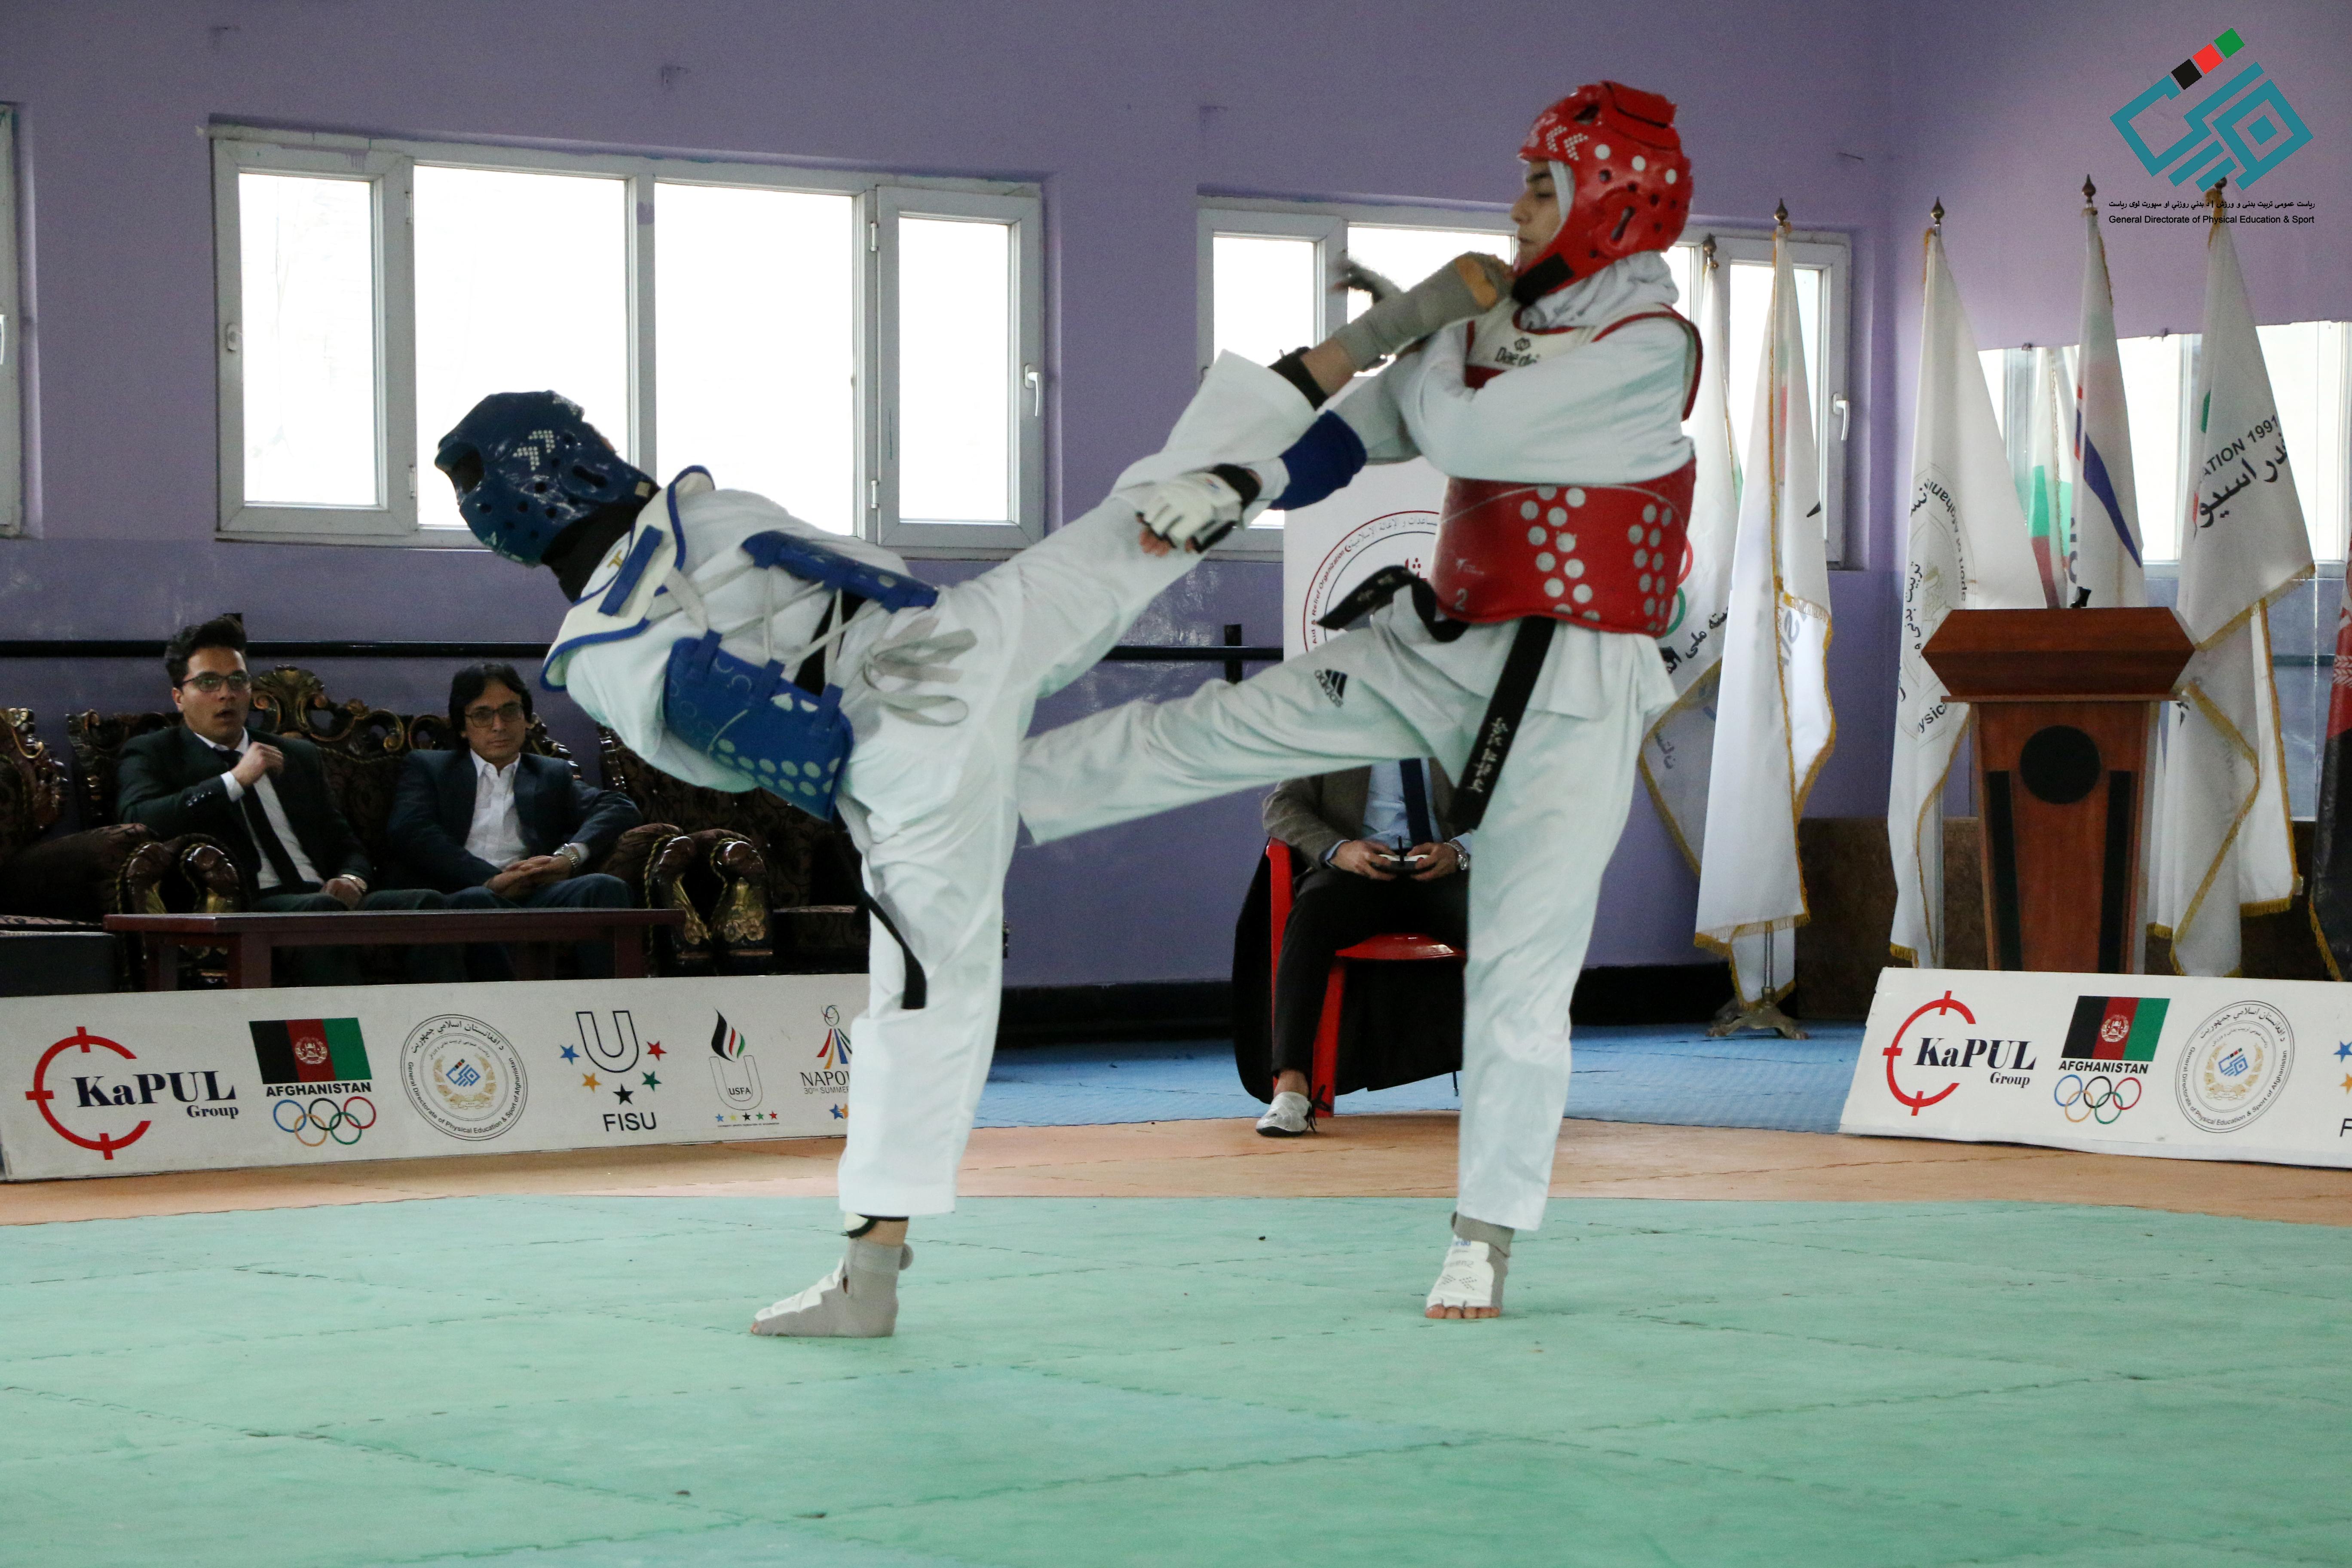 رقابت تکواندو در بخش بانوان امروز در کابل برگزار شد.